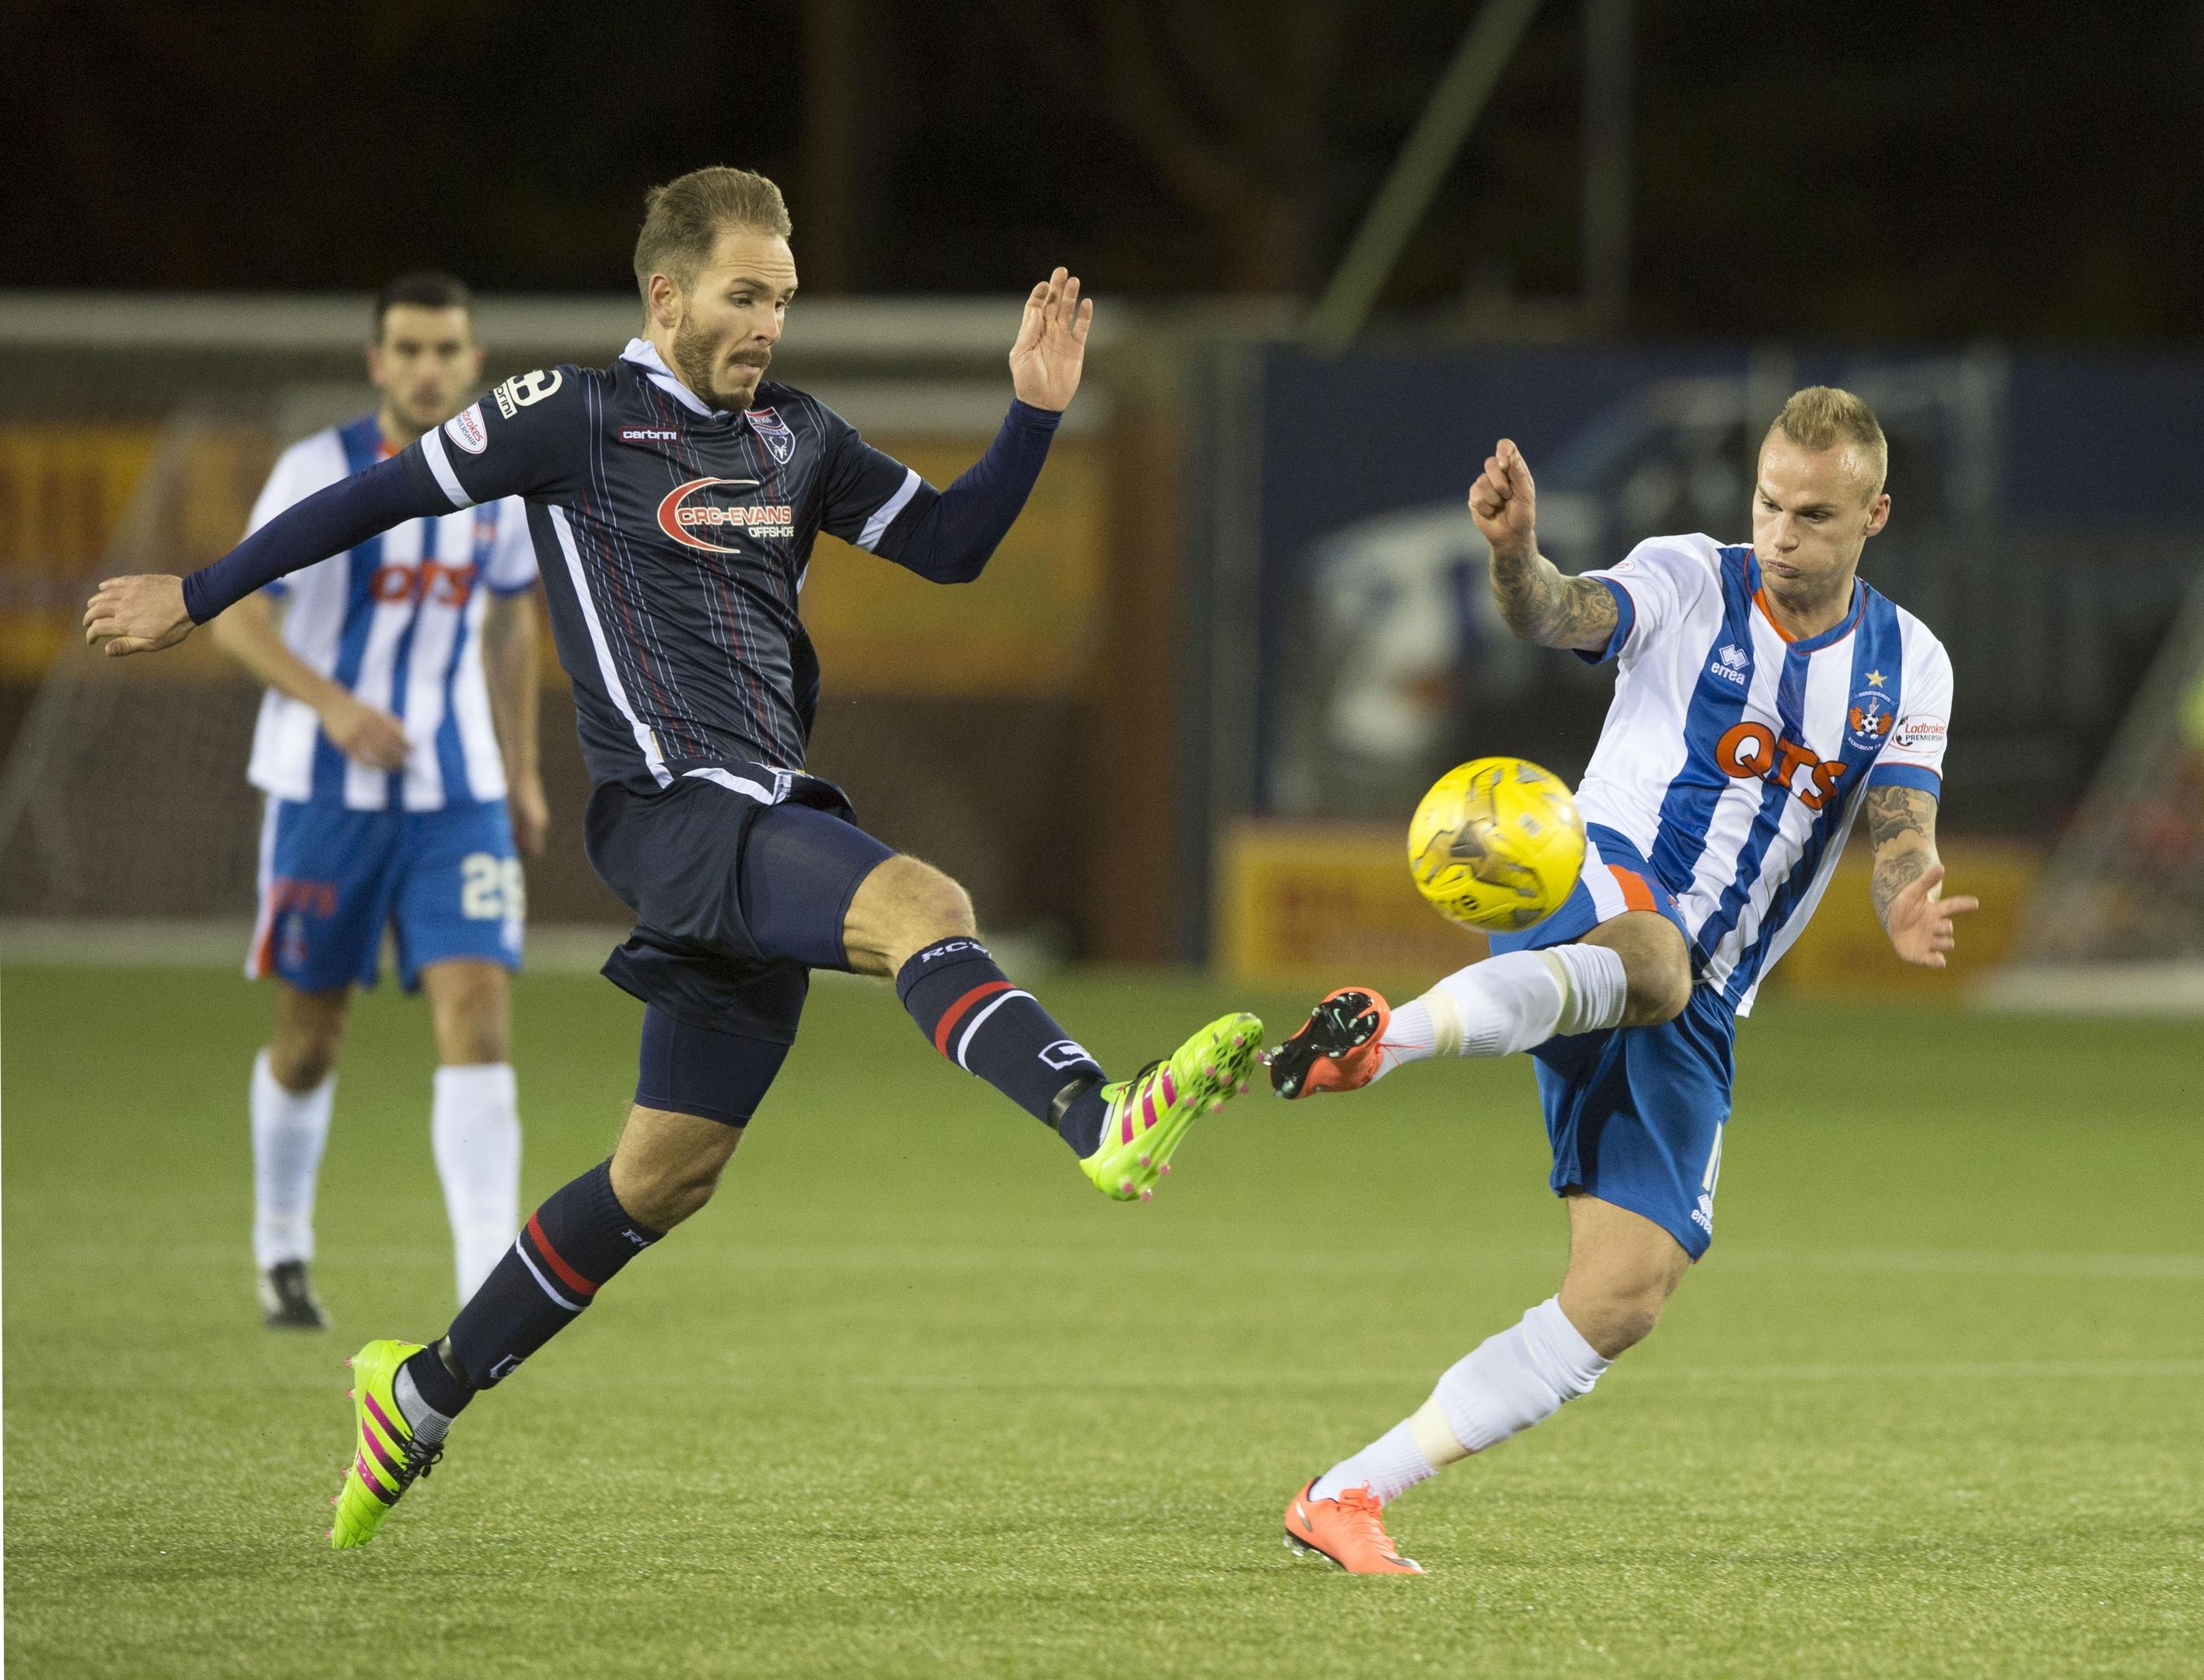 Ross County's Martin Woods (left) battles for the ball against Kilmarnock's Kallum Higginbotham